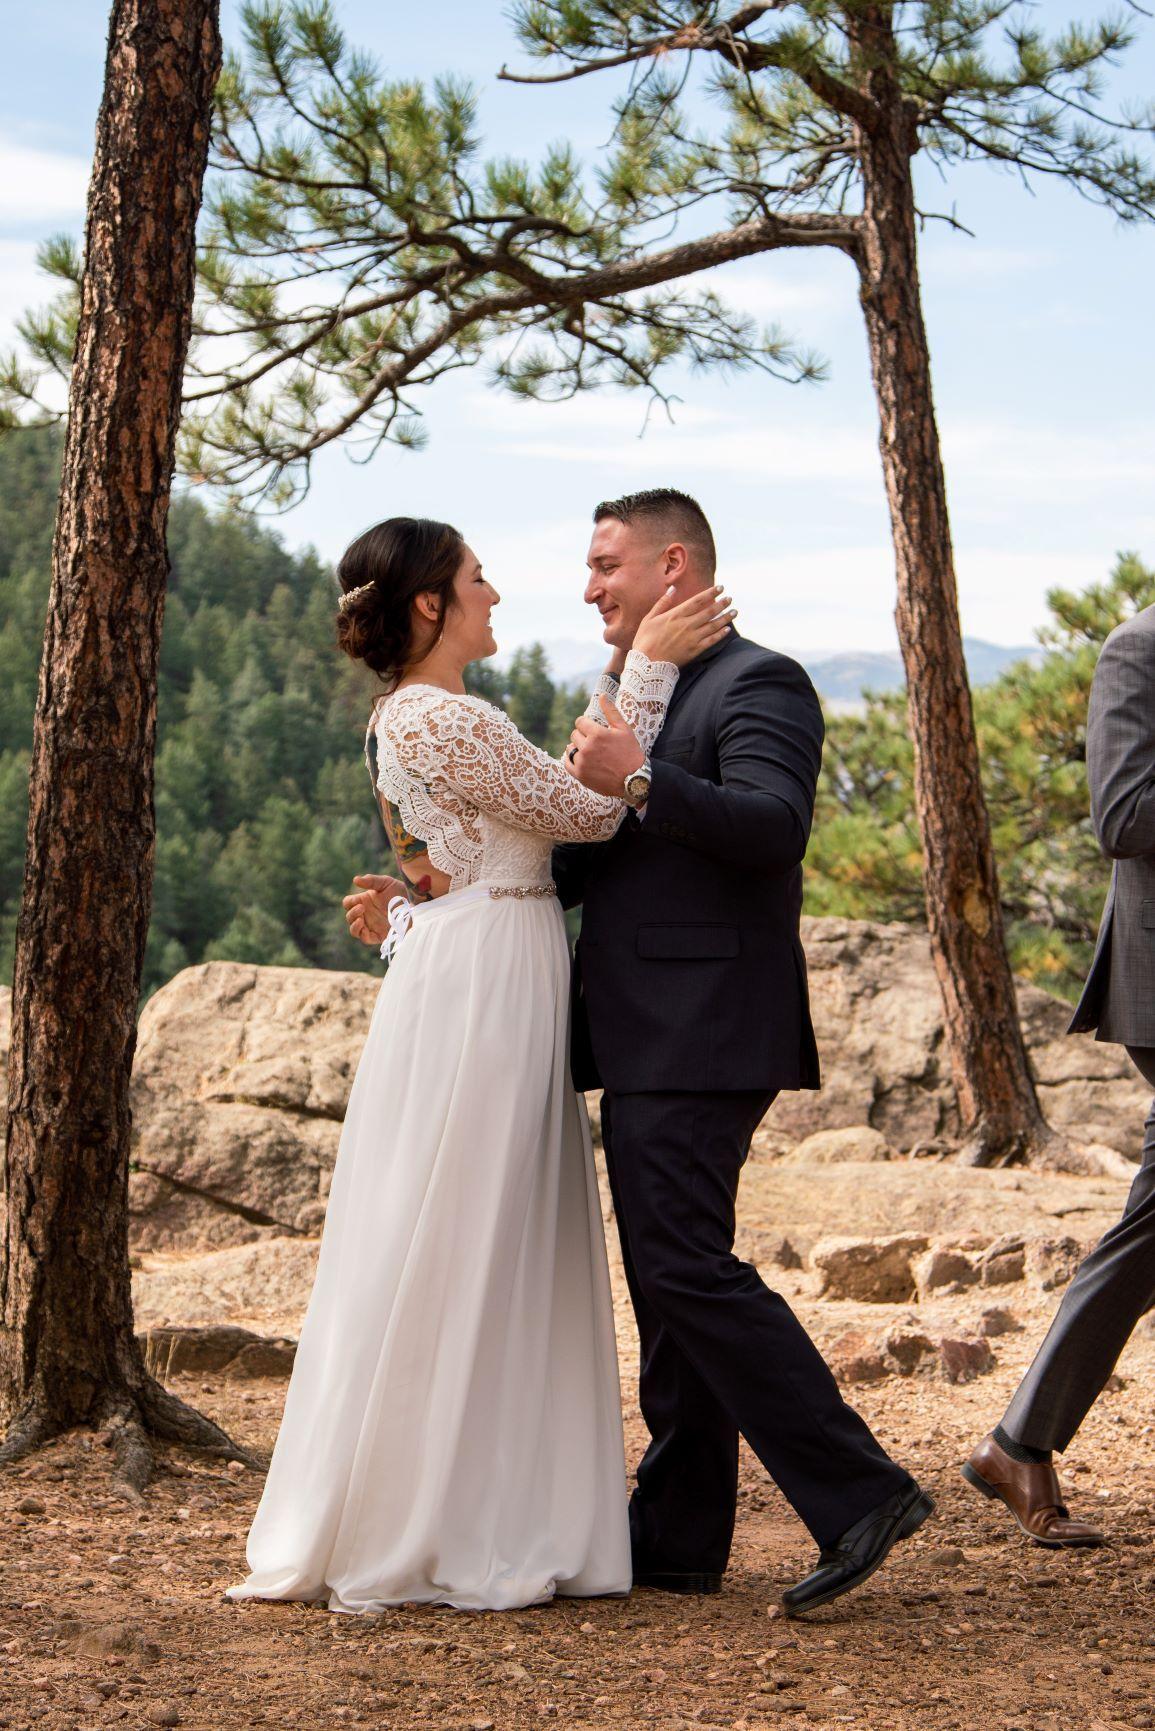 Colorado Elopement Packages Lace weddings, Colorado